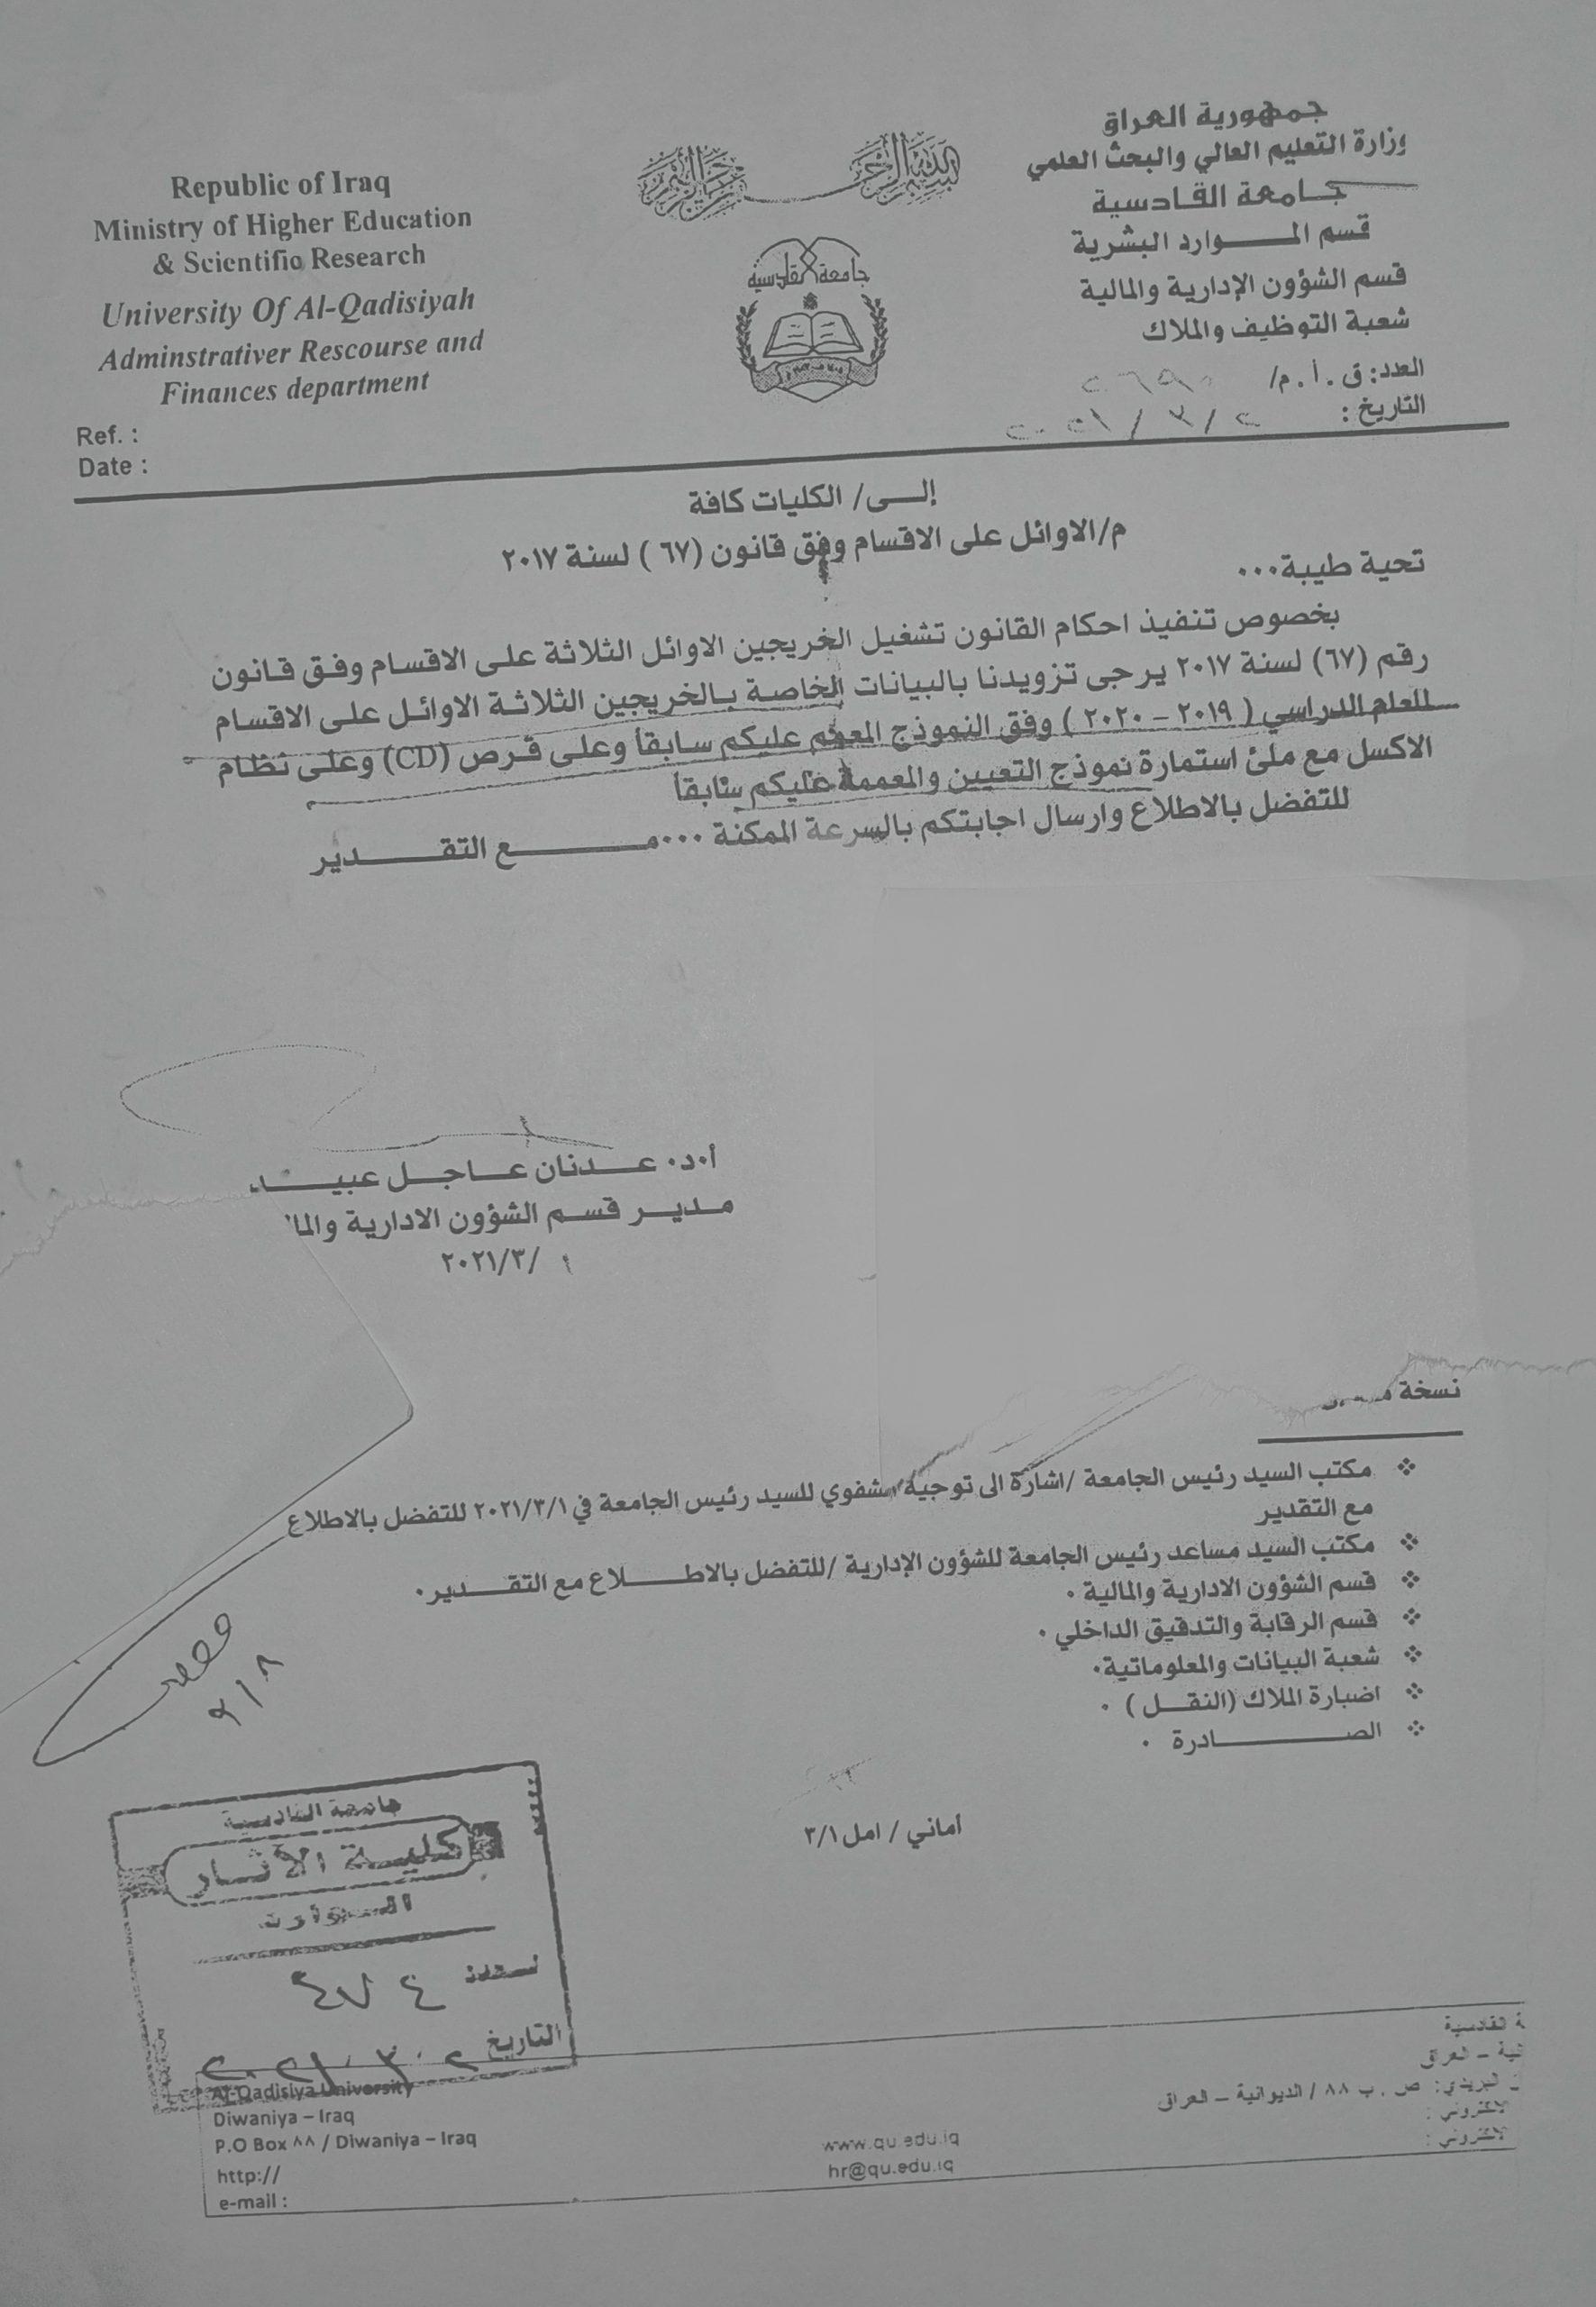 اعلان .. الى الطلبة الاوائل لعام ٢٠١٩ / ٢٠٢٠ لغرض التعيين